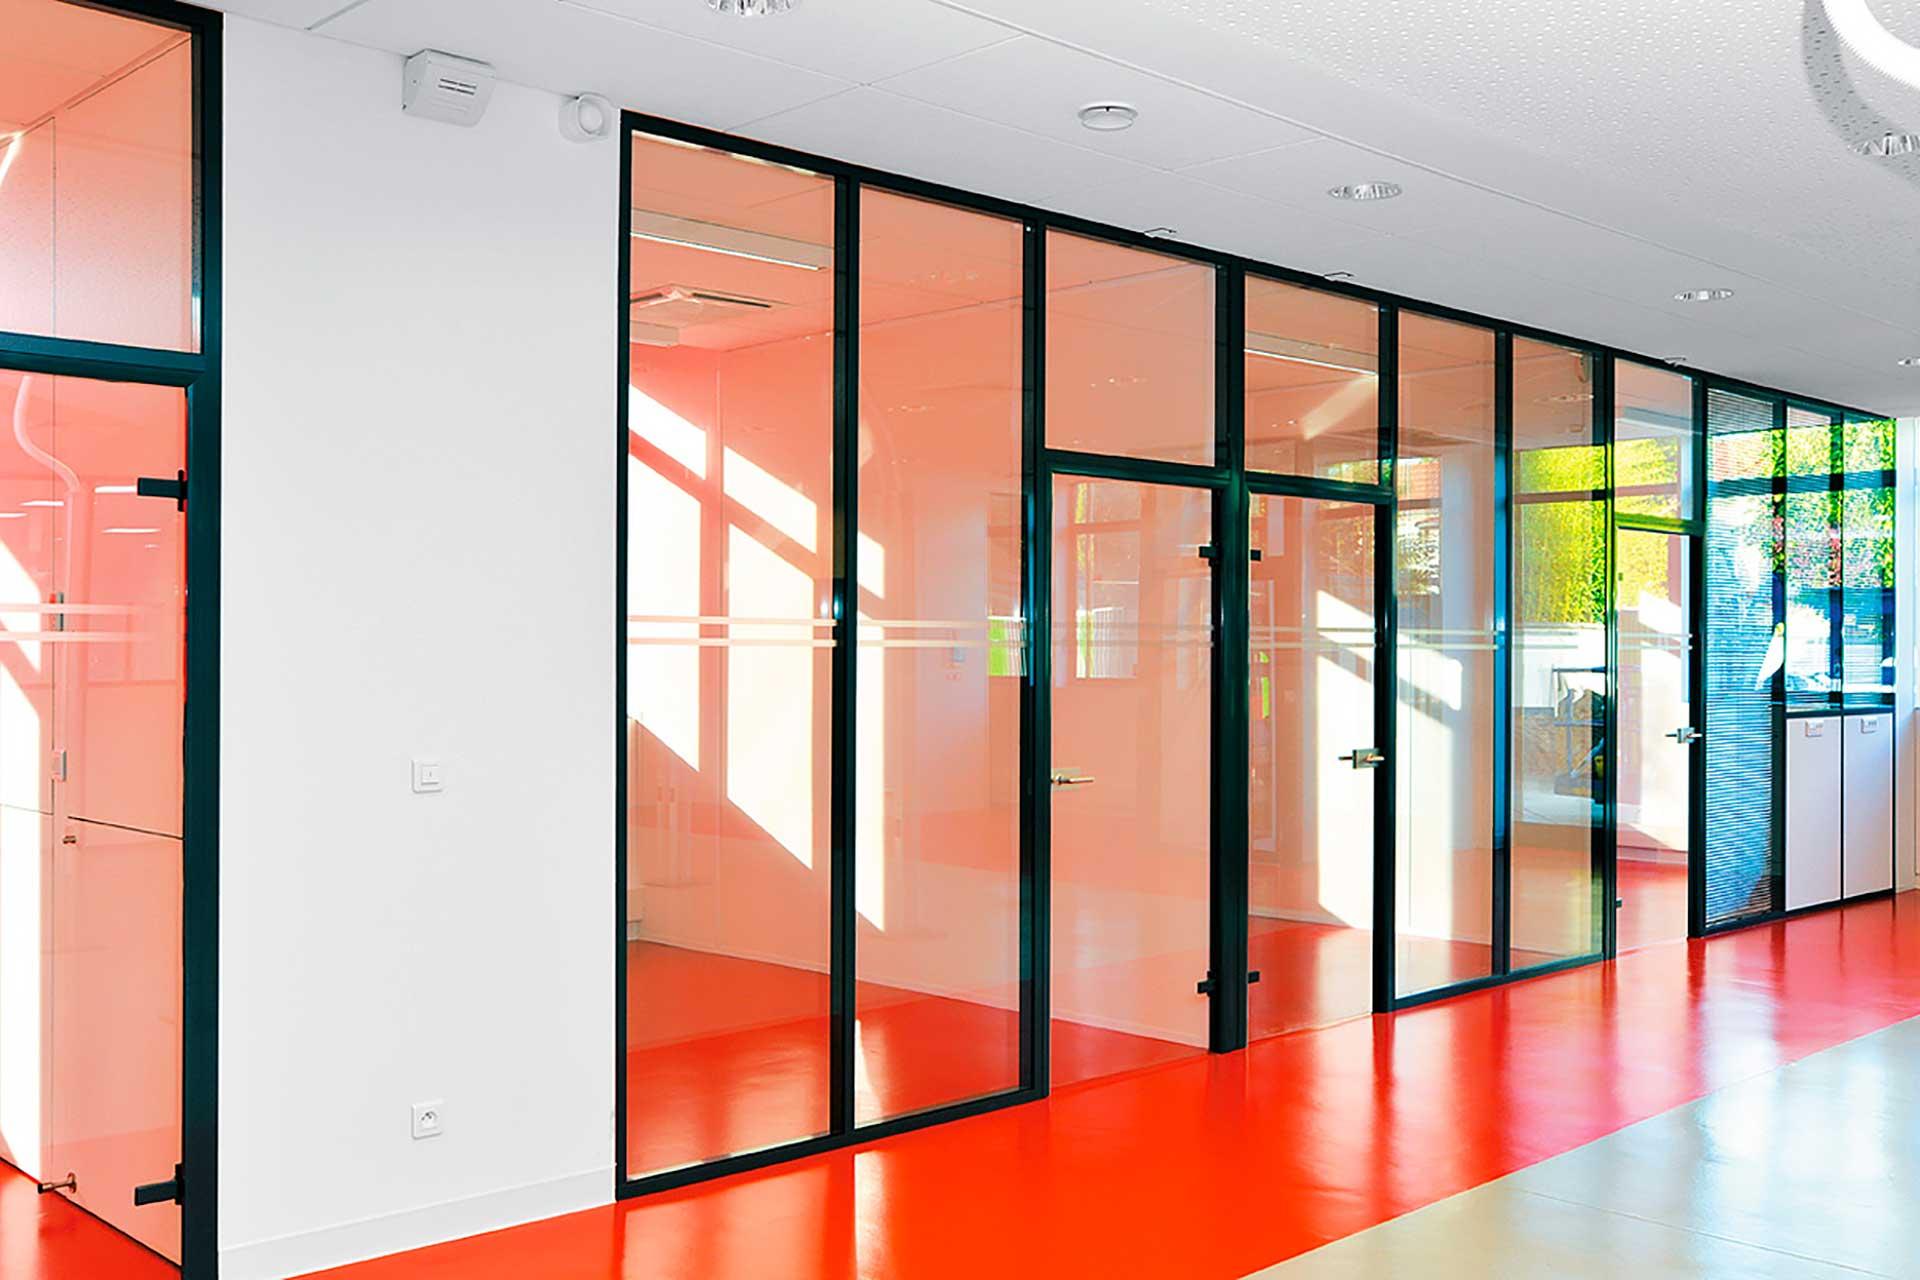 interpose - Cloisons amovibles vitrées toute hauteur vitrage clair